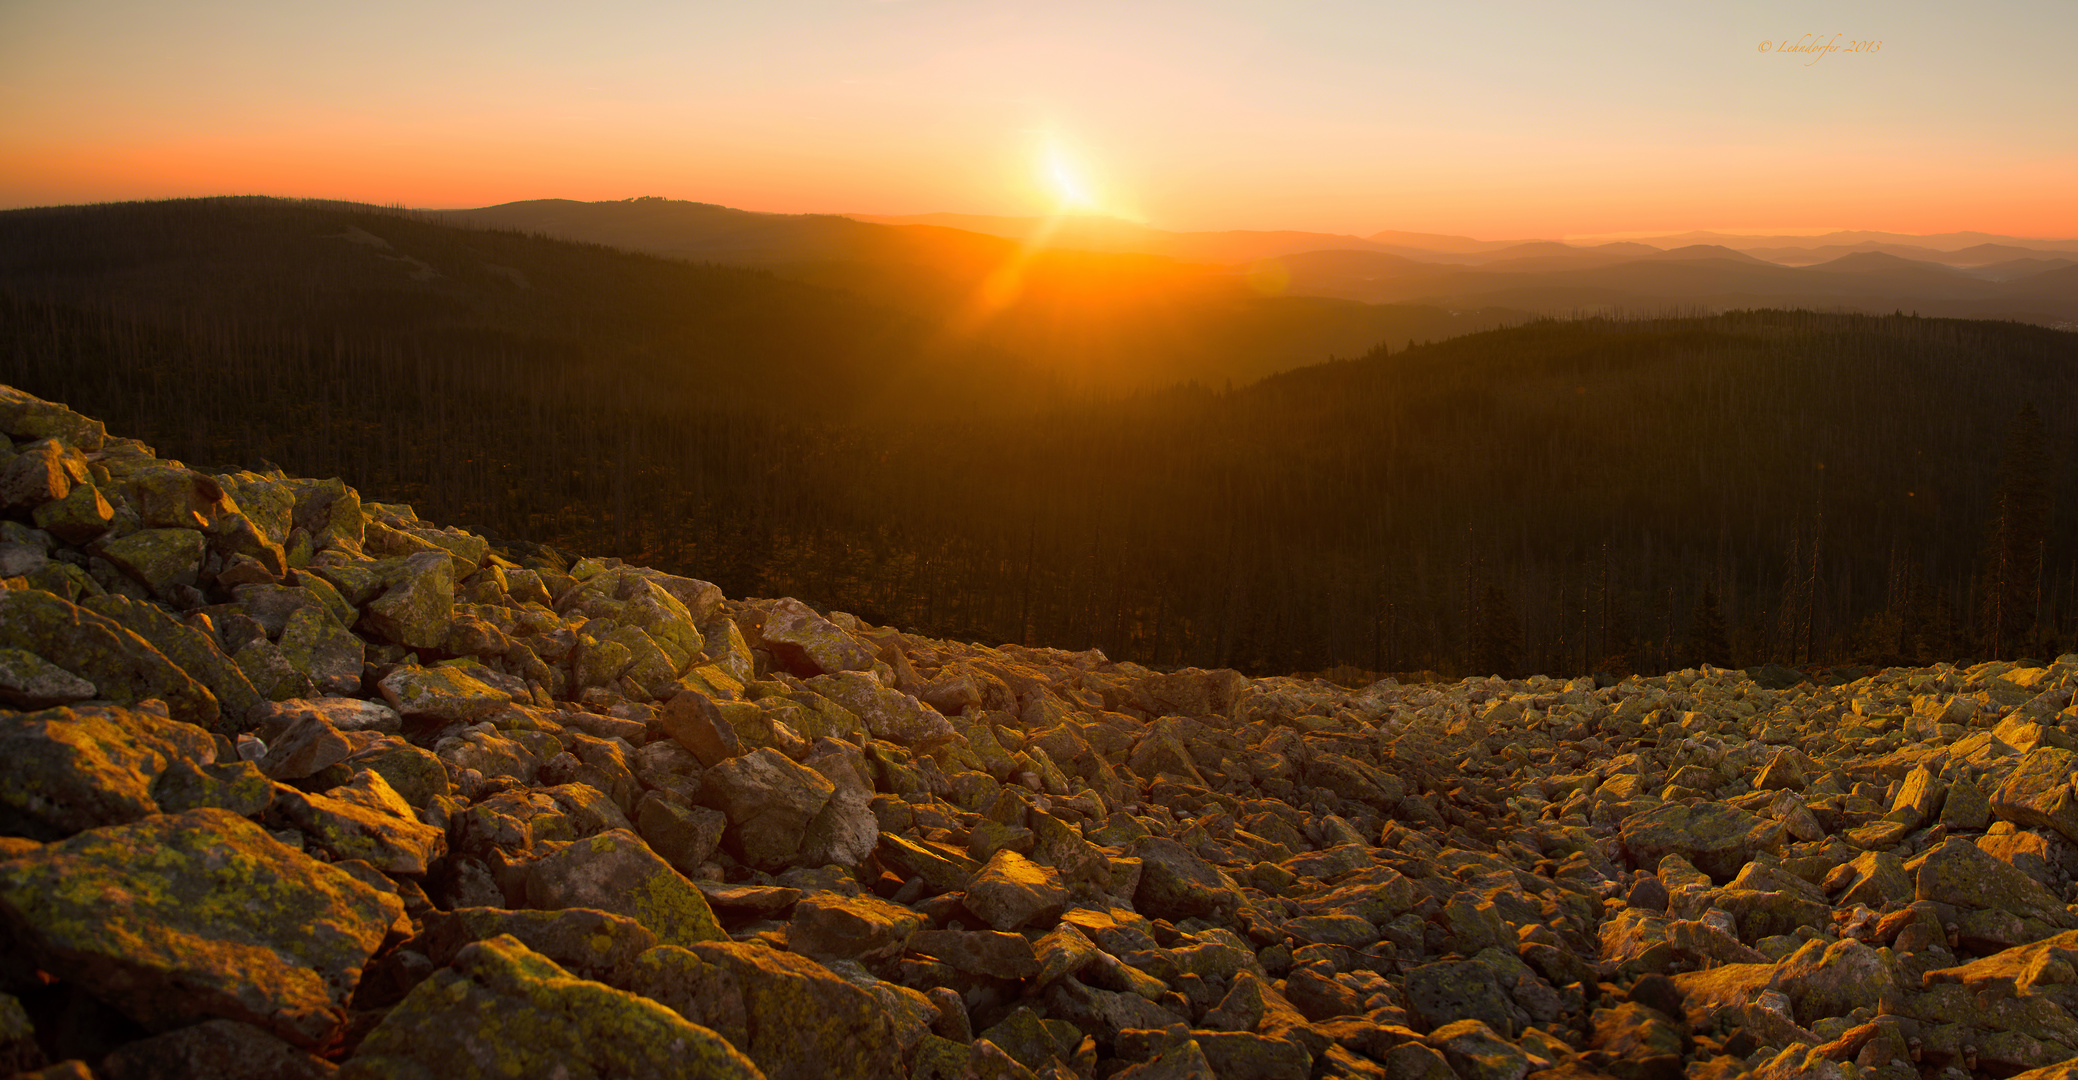 Sonnenaufgang auf dem Lusen im Bayerischen Wald